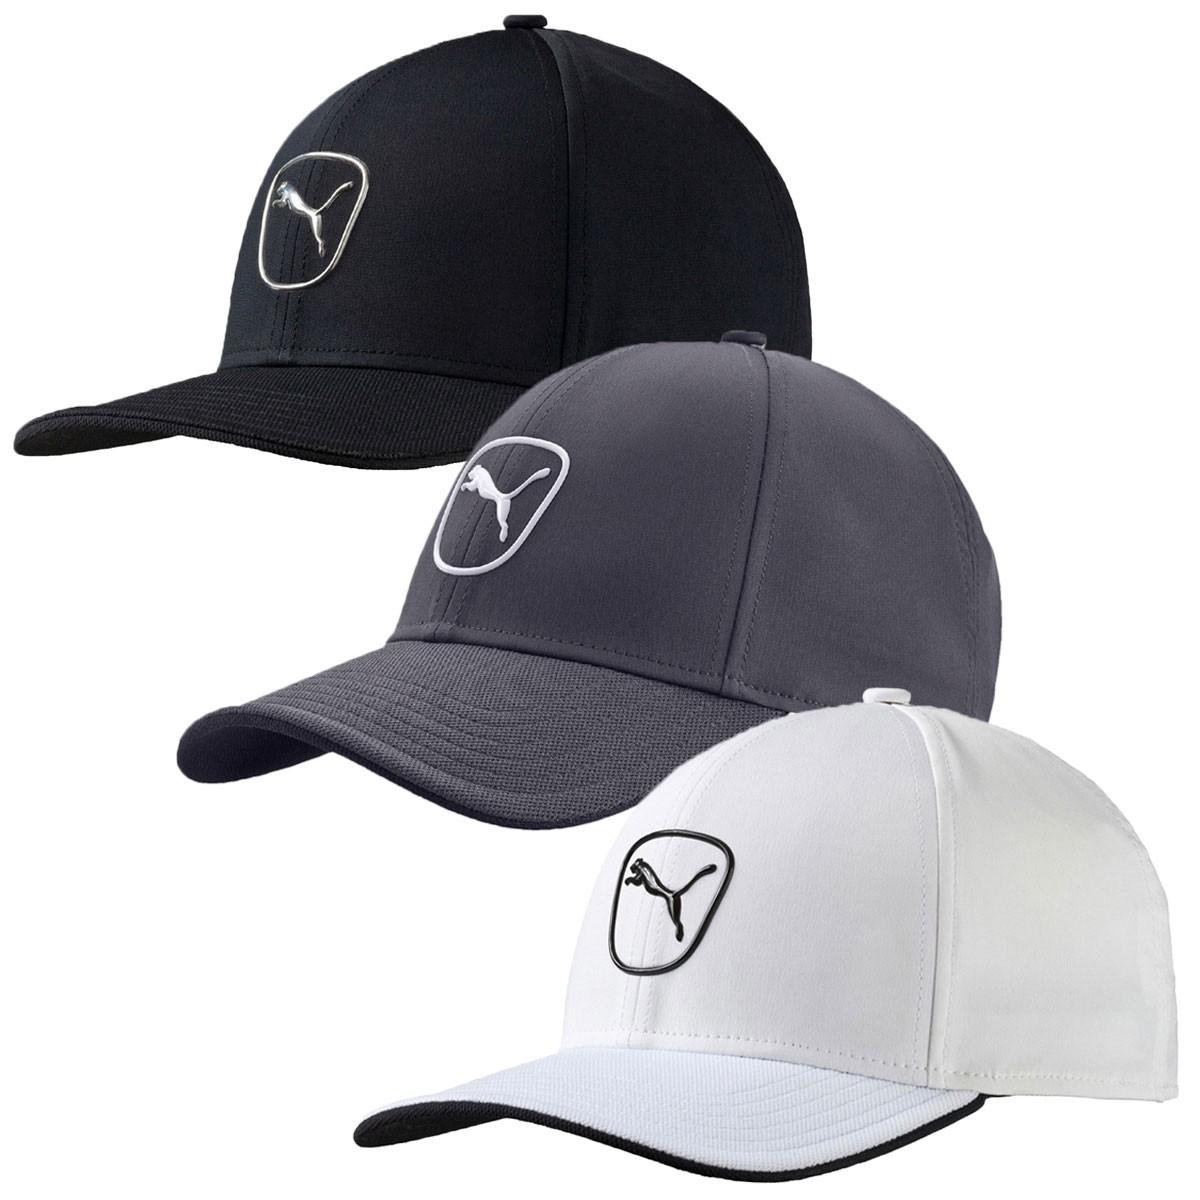 0de639b0e45 Puma Golf 2016 Mens Cat Patch 2.0 Pre-Curved Cap Adjustable Baseball Hat  052961